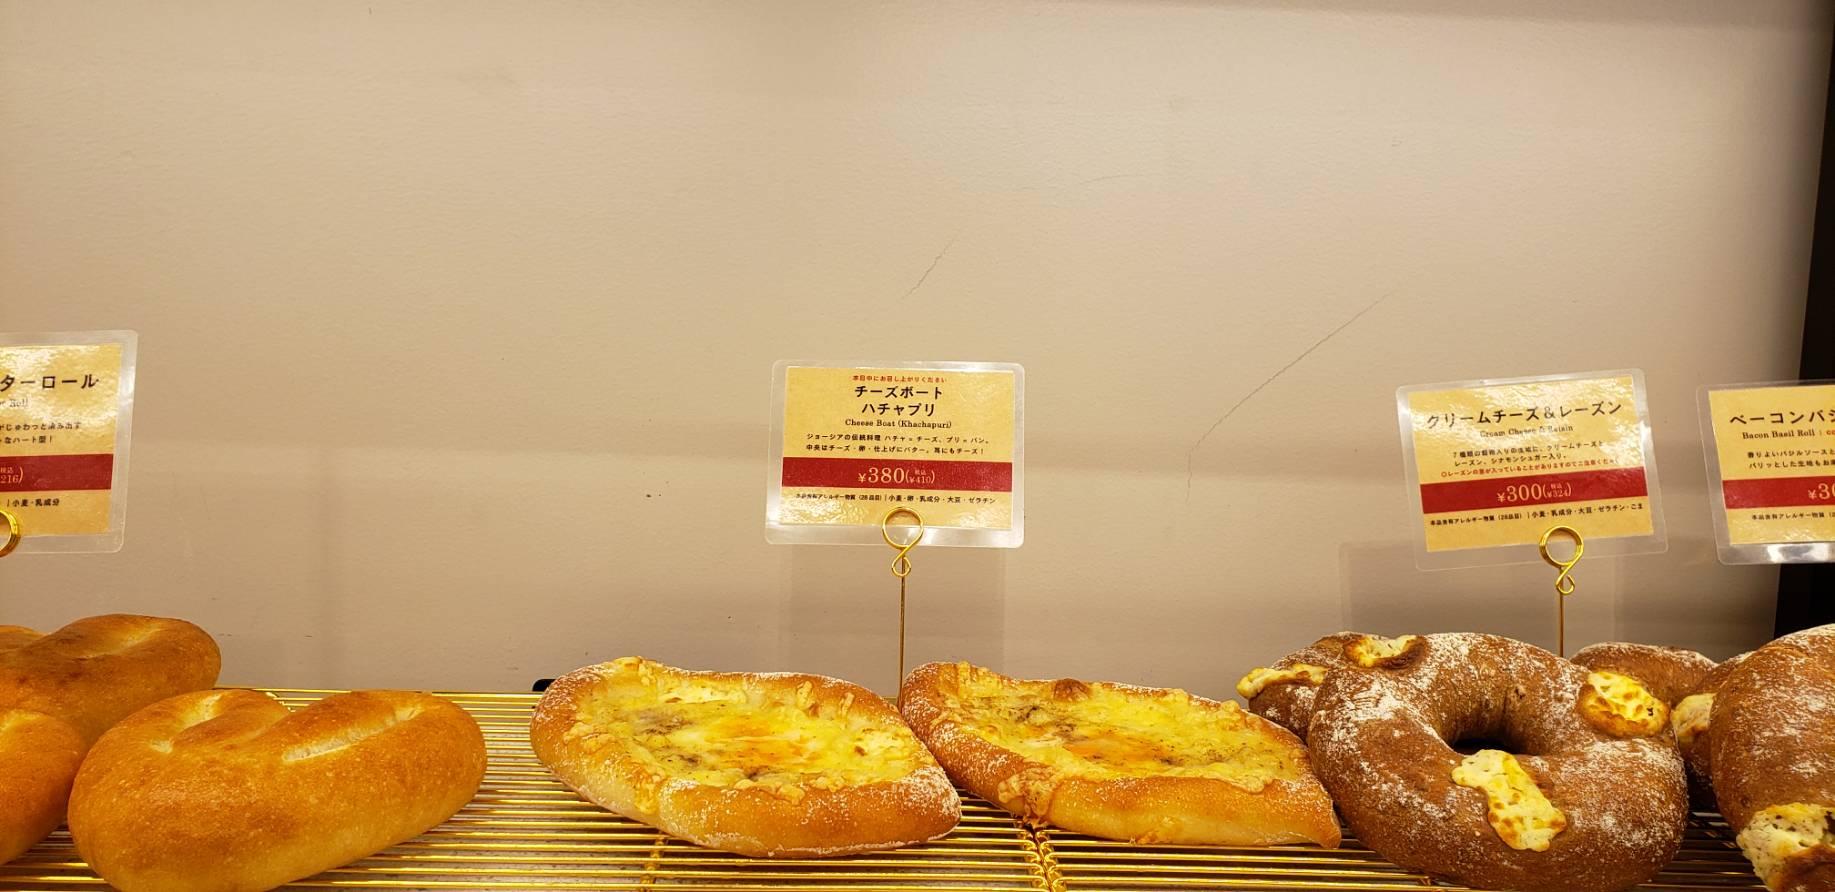 東口店舗にしかないパン